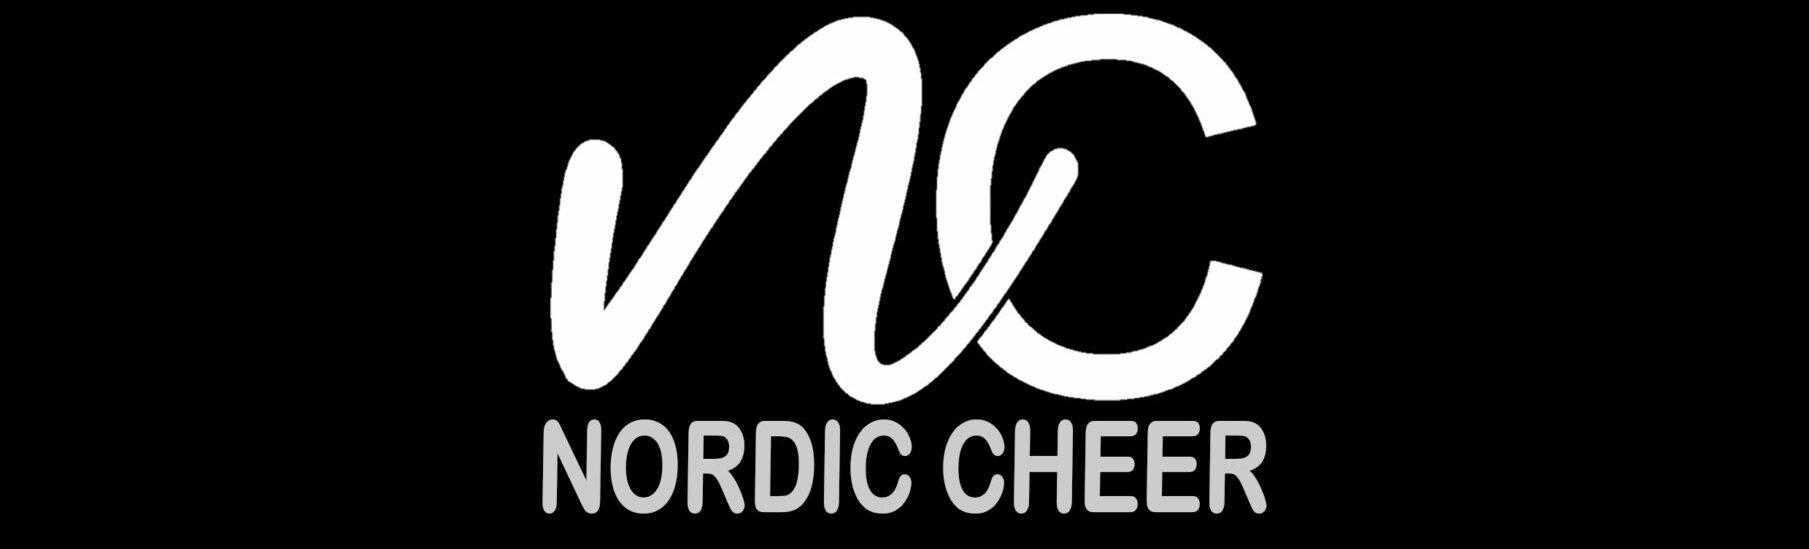 Nordic Cheer